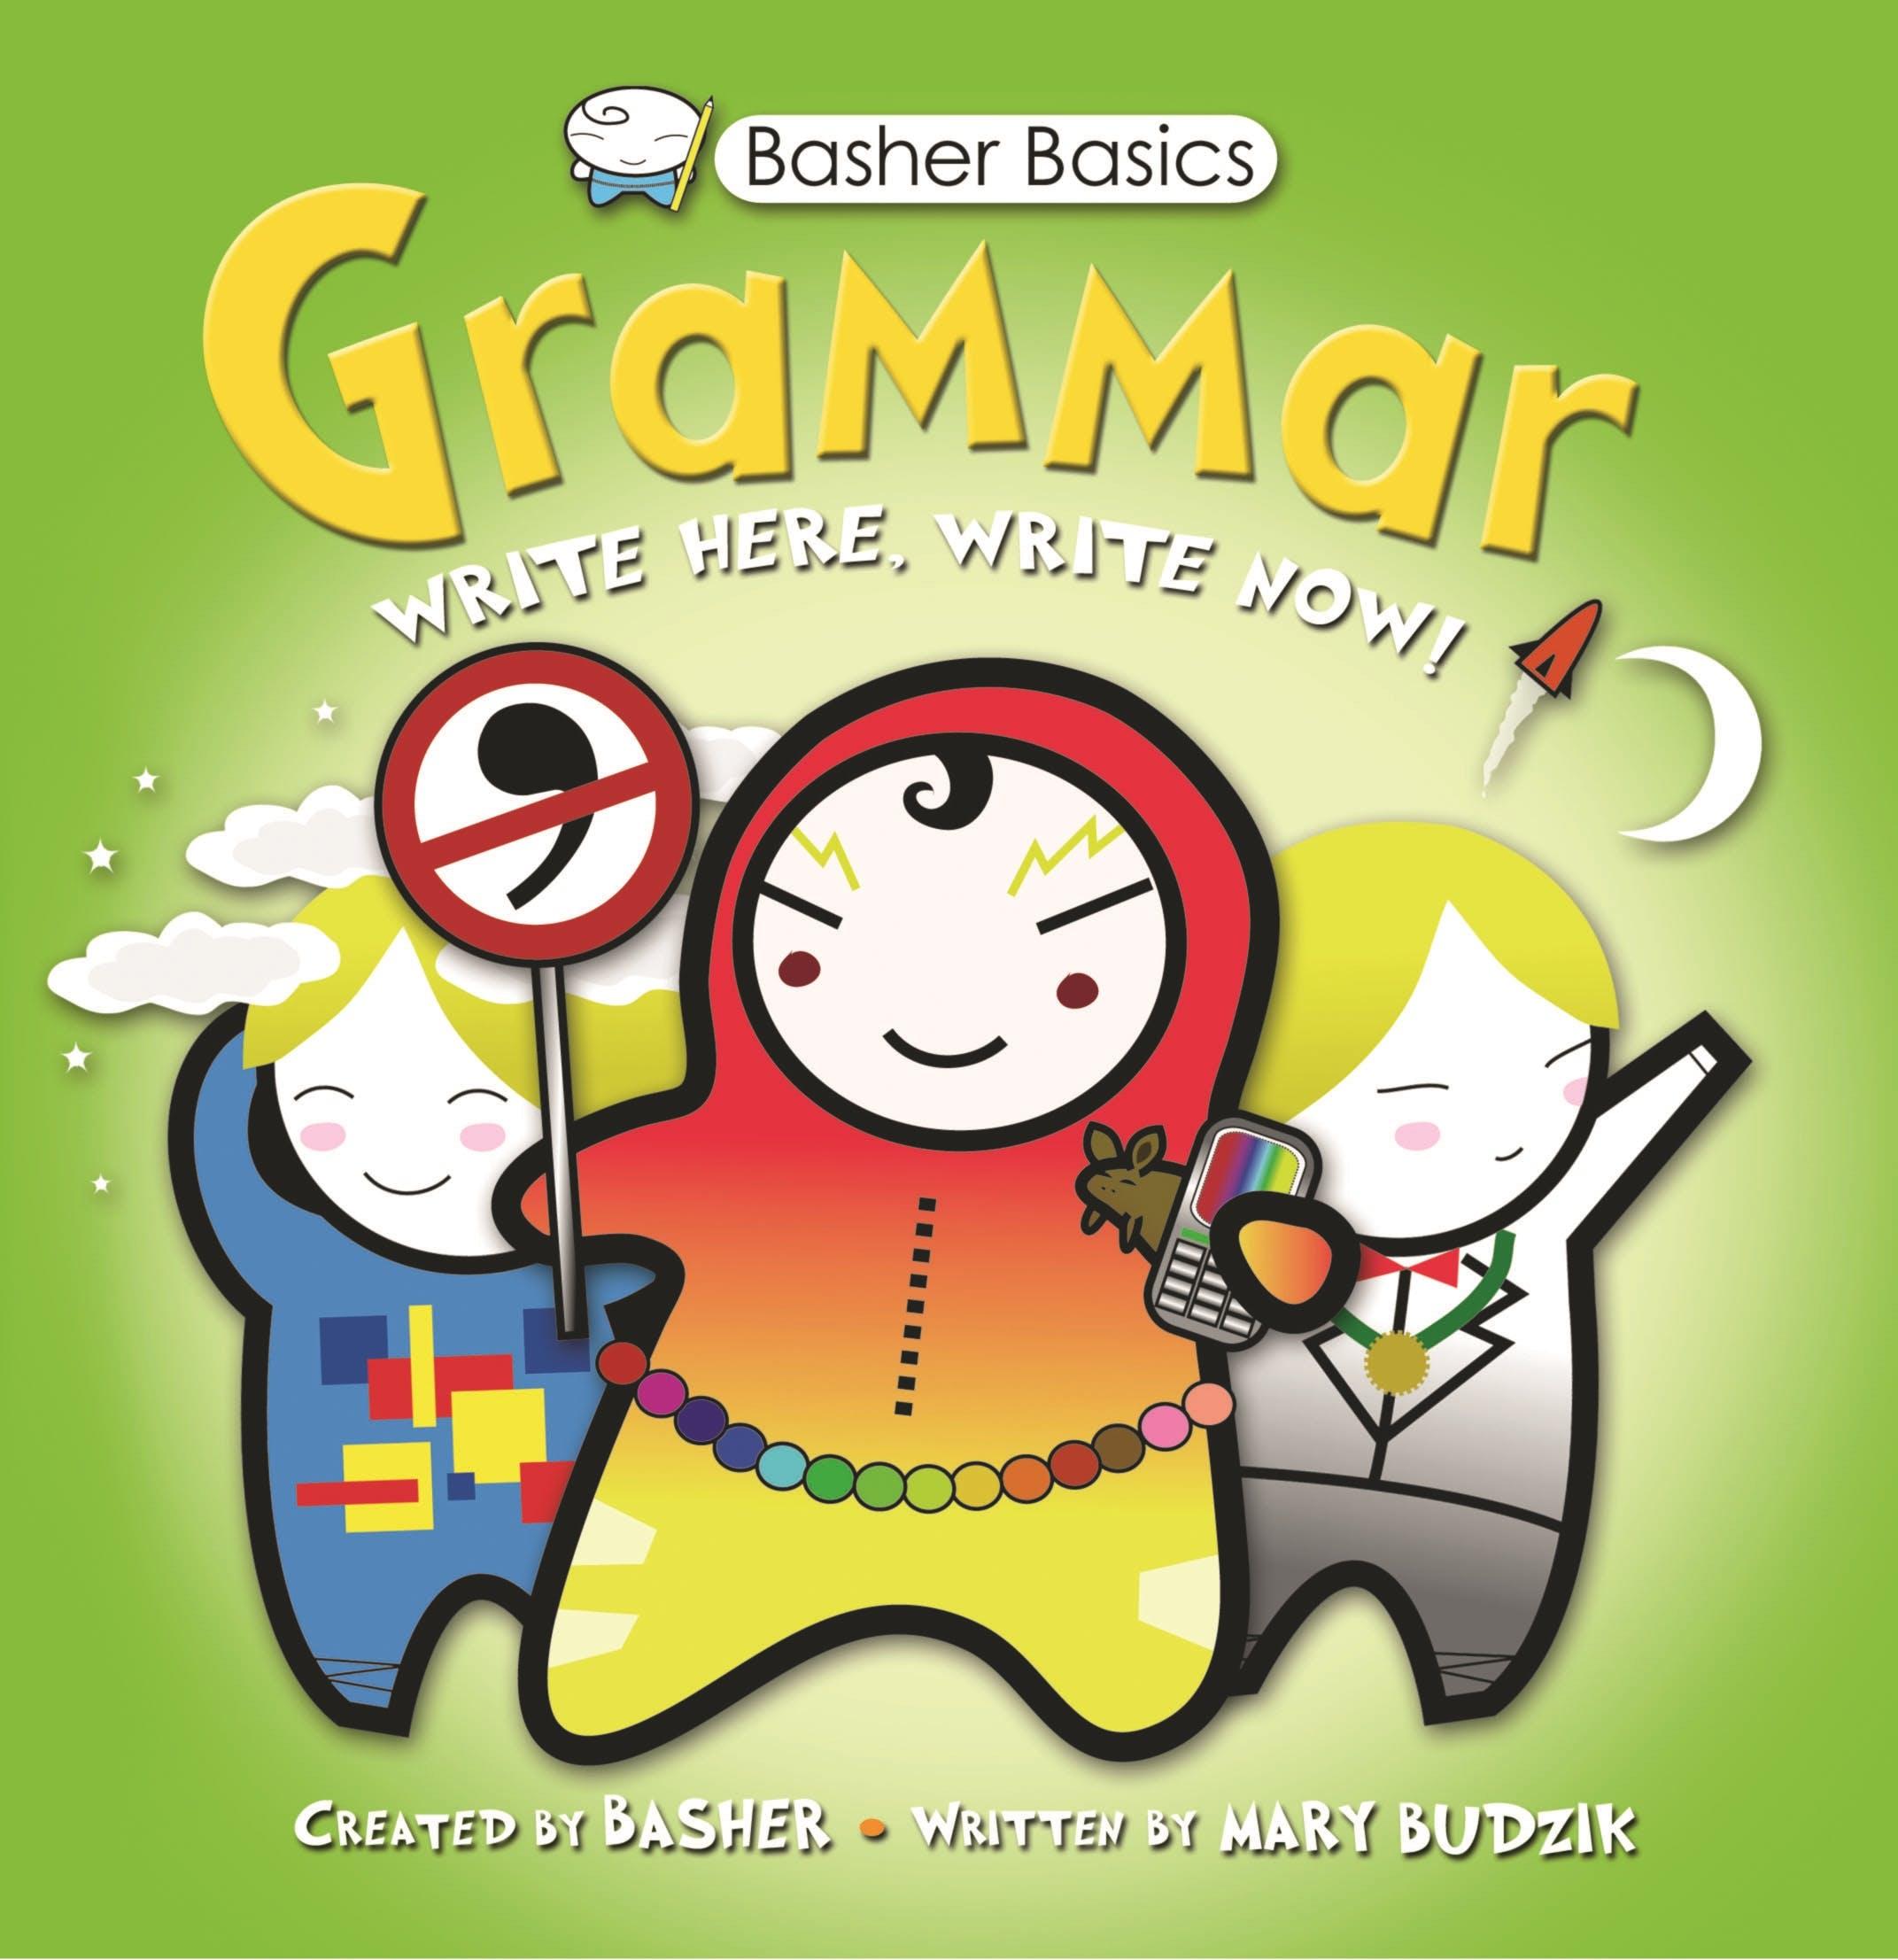 Image of Basher Basics: Grammar